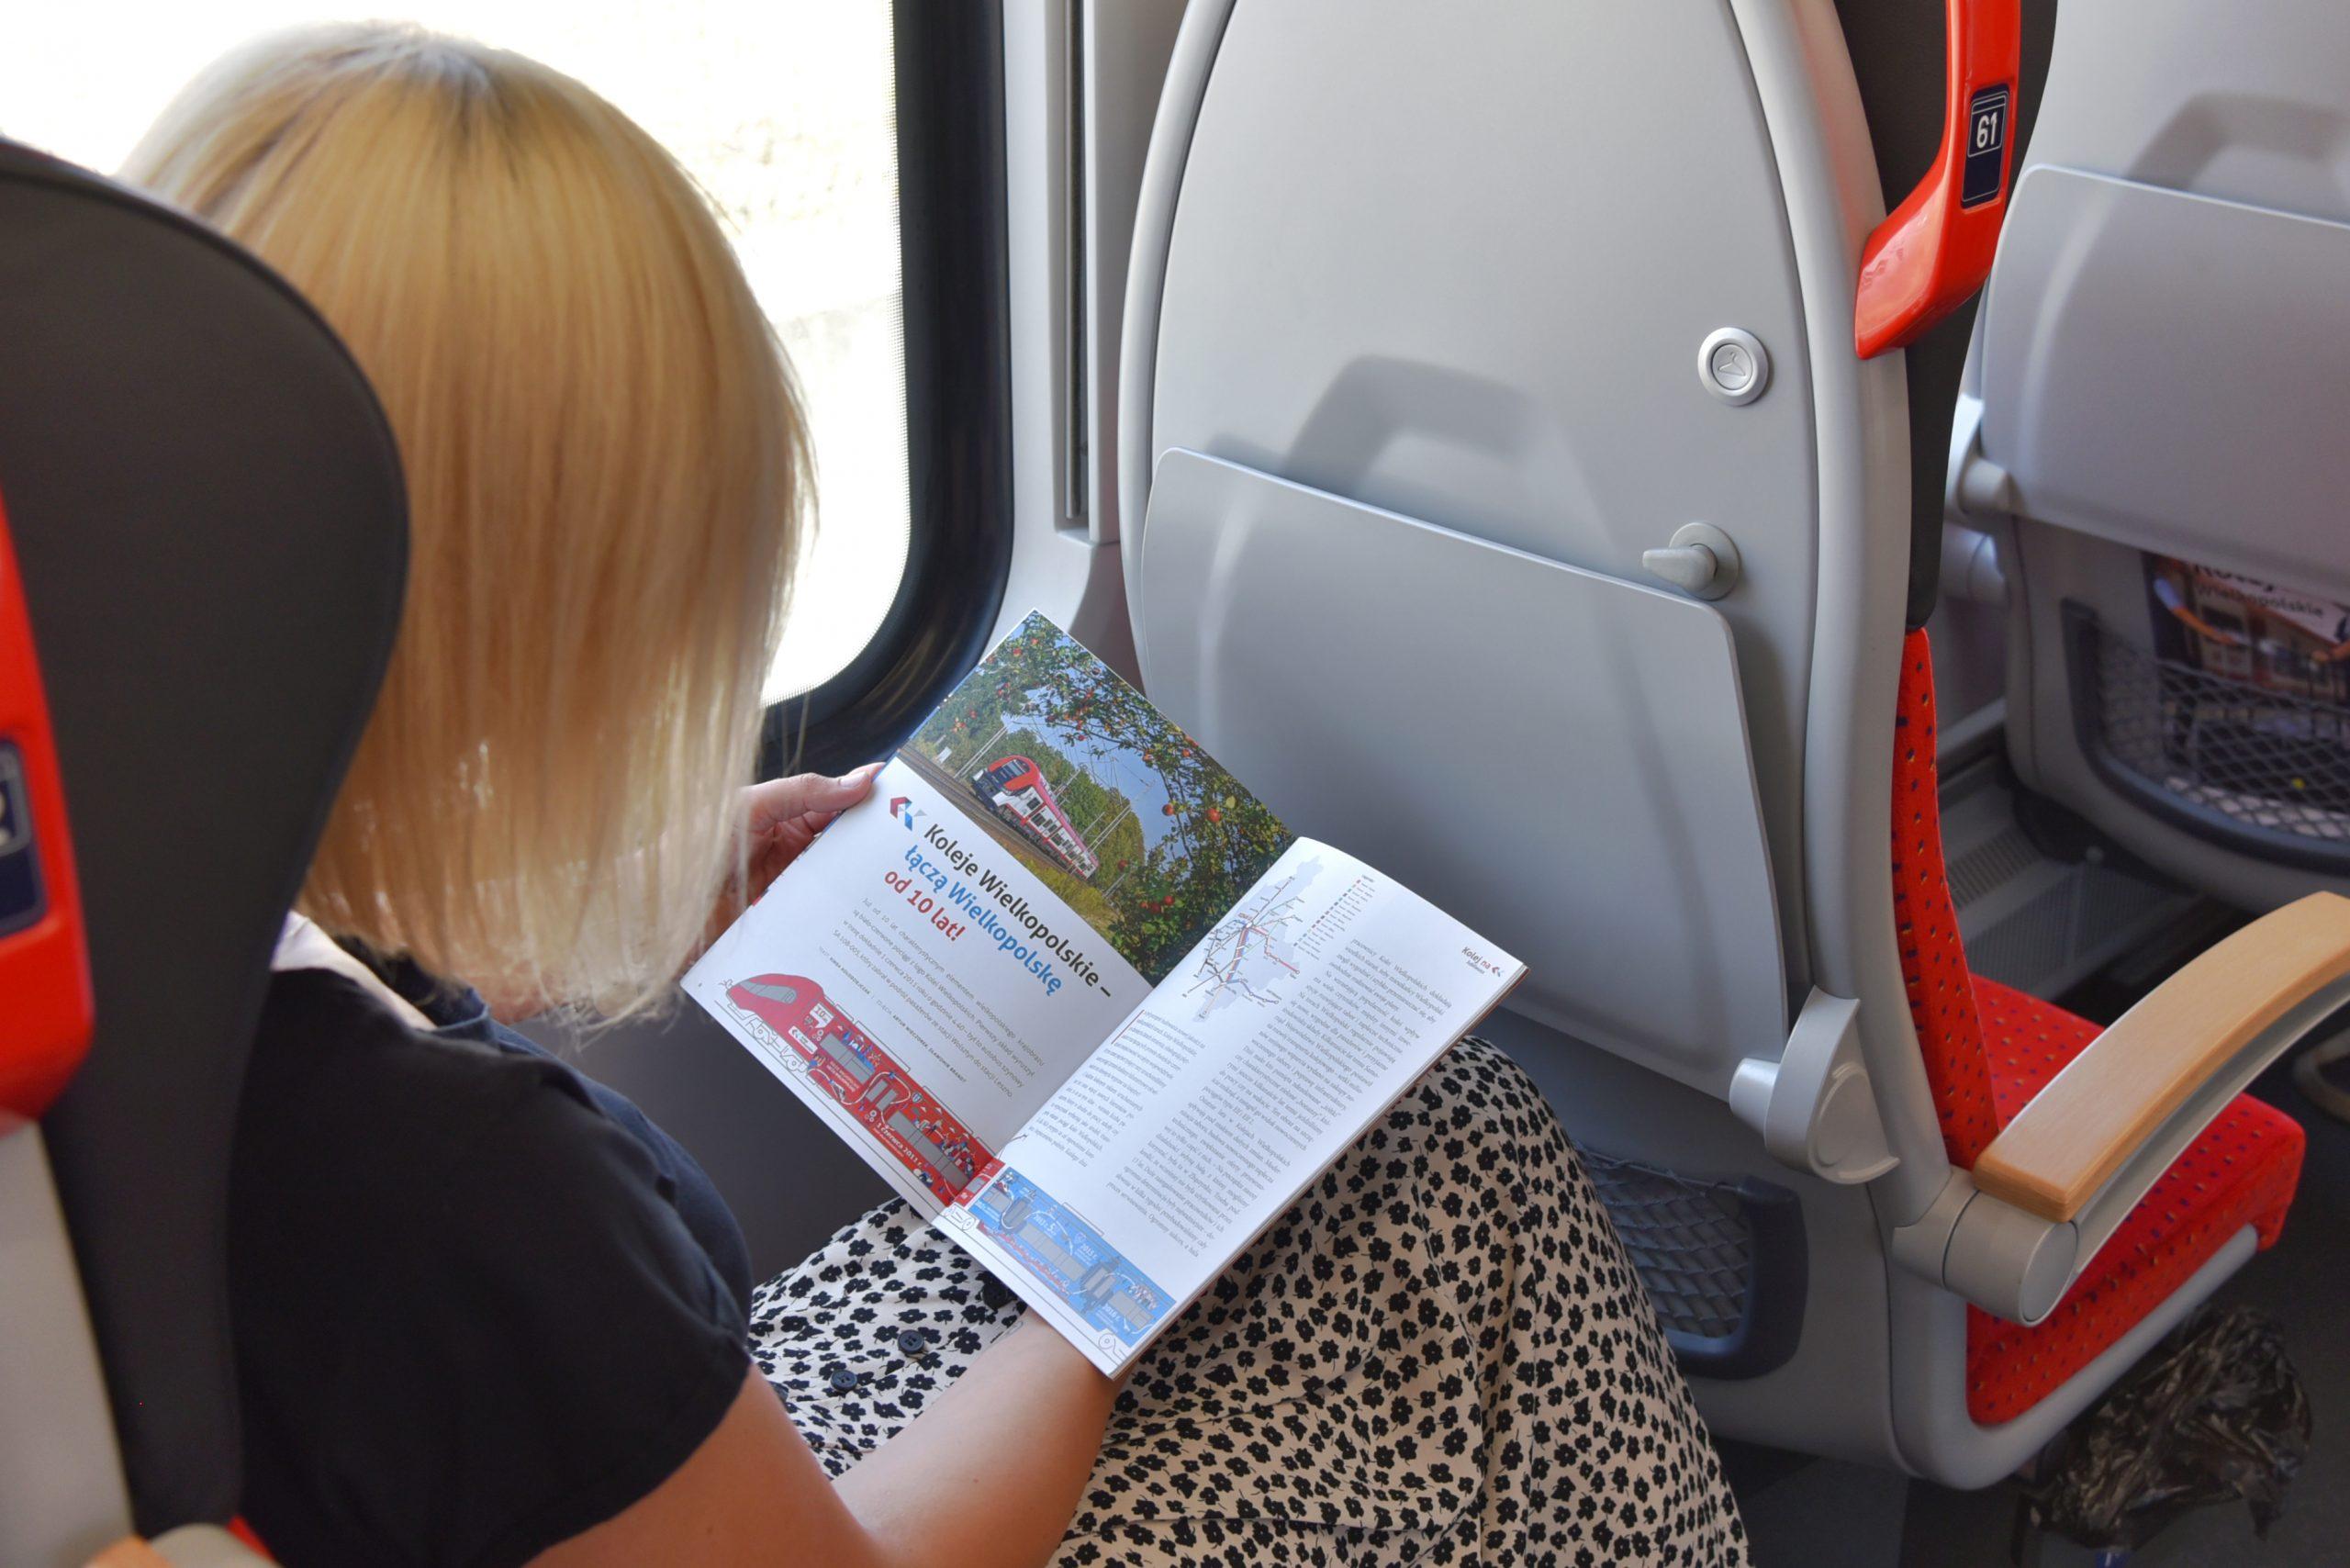 Pasażerka czytająca magazyn pokładowy KW w pociągu